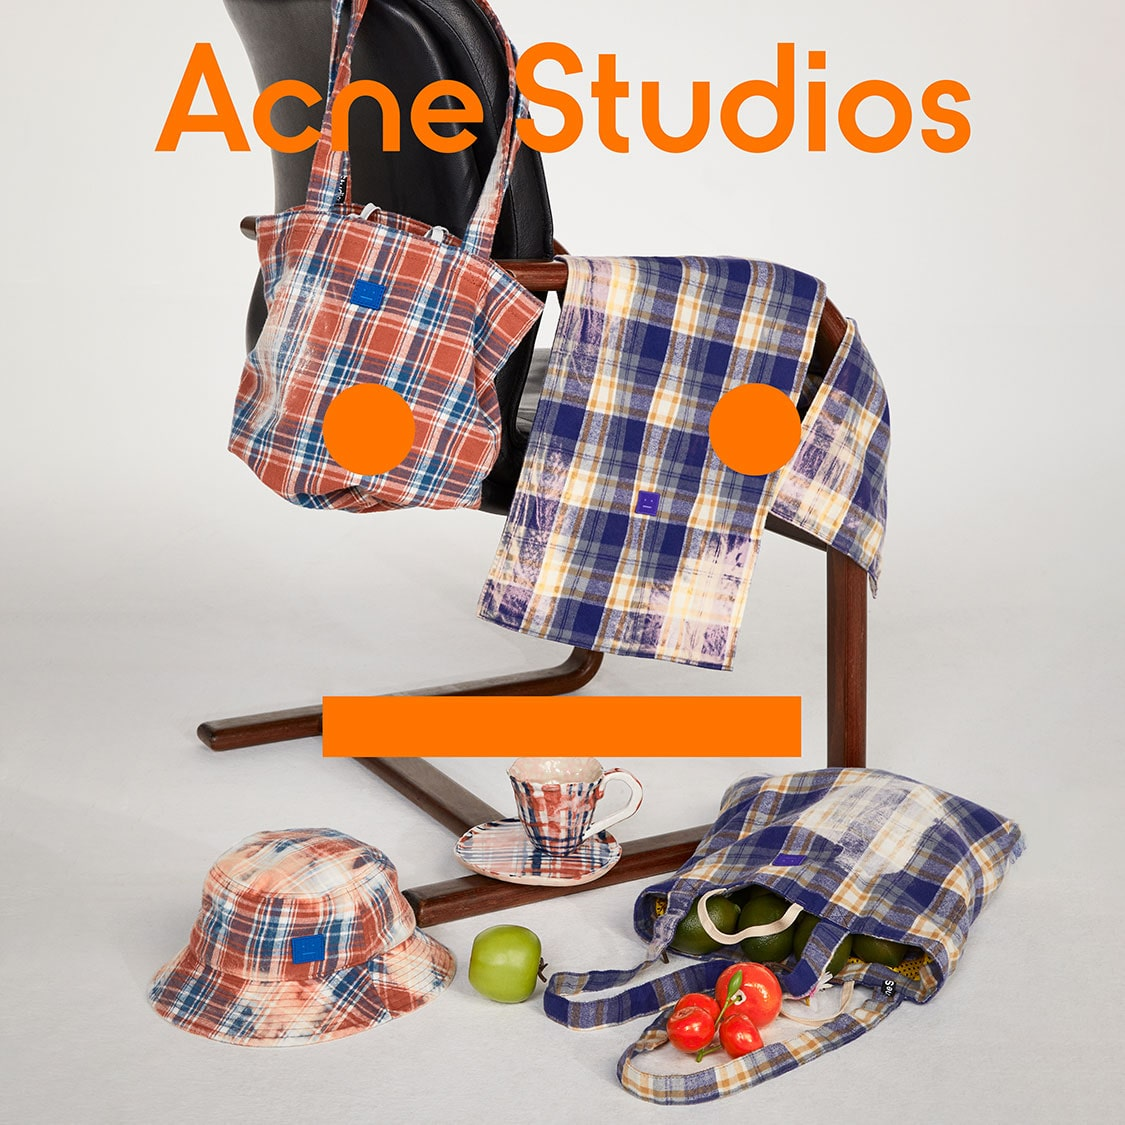 Acne Studios FACE 2021 Fall Collection